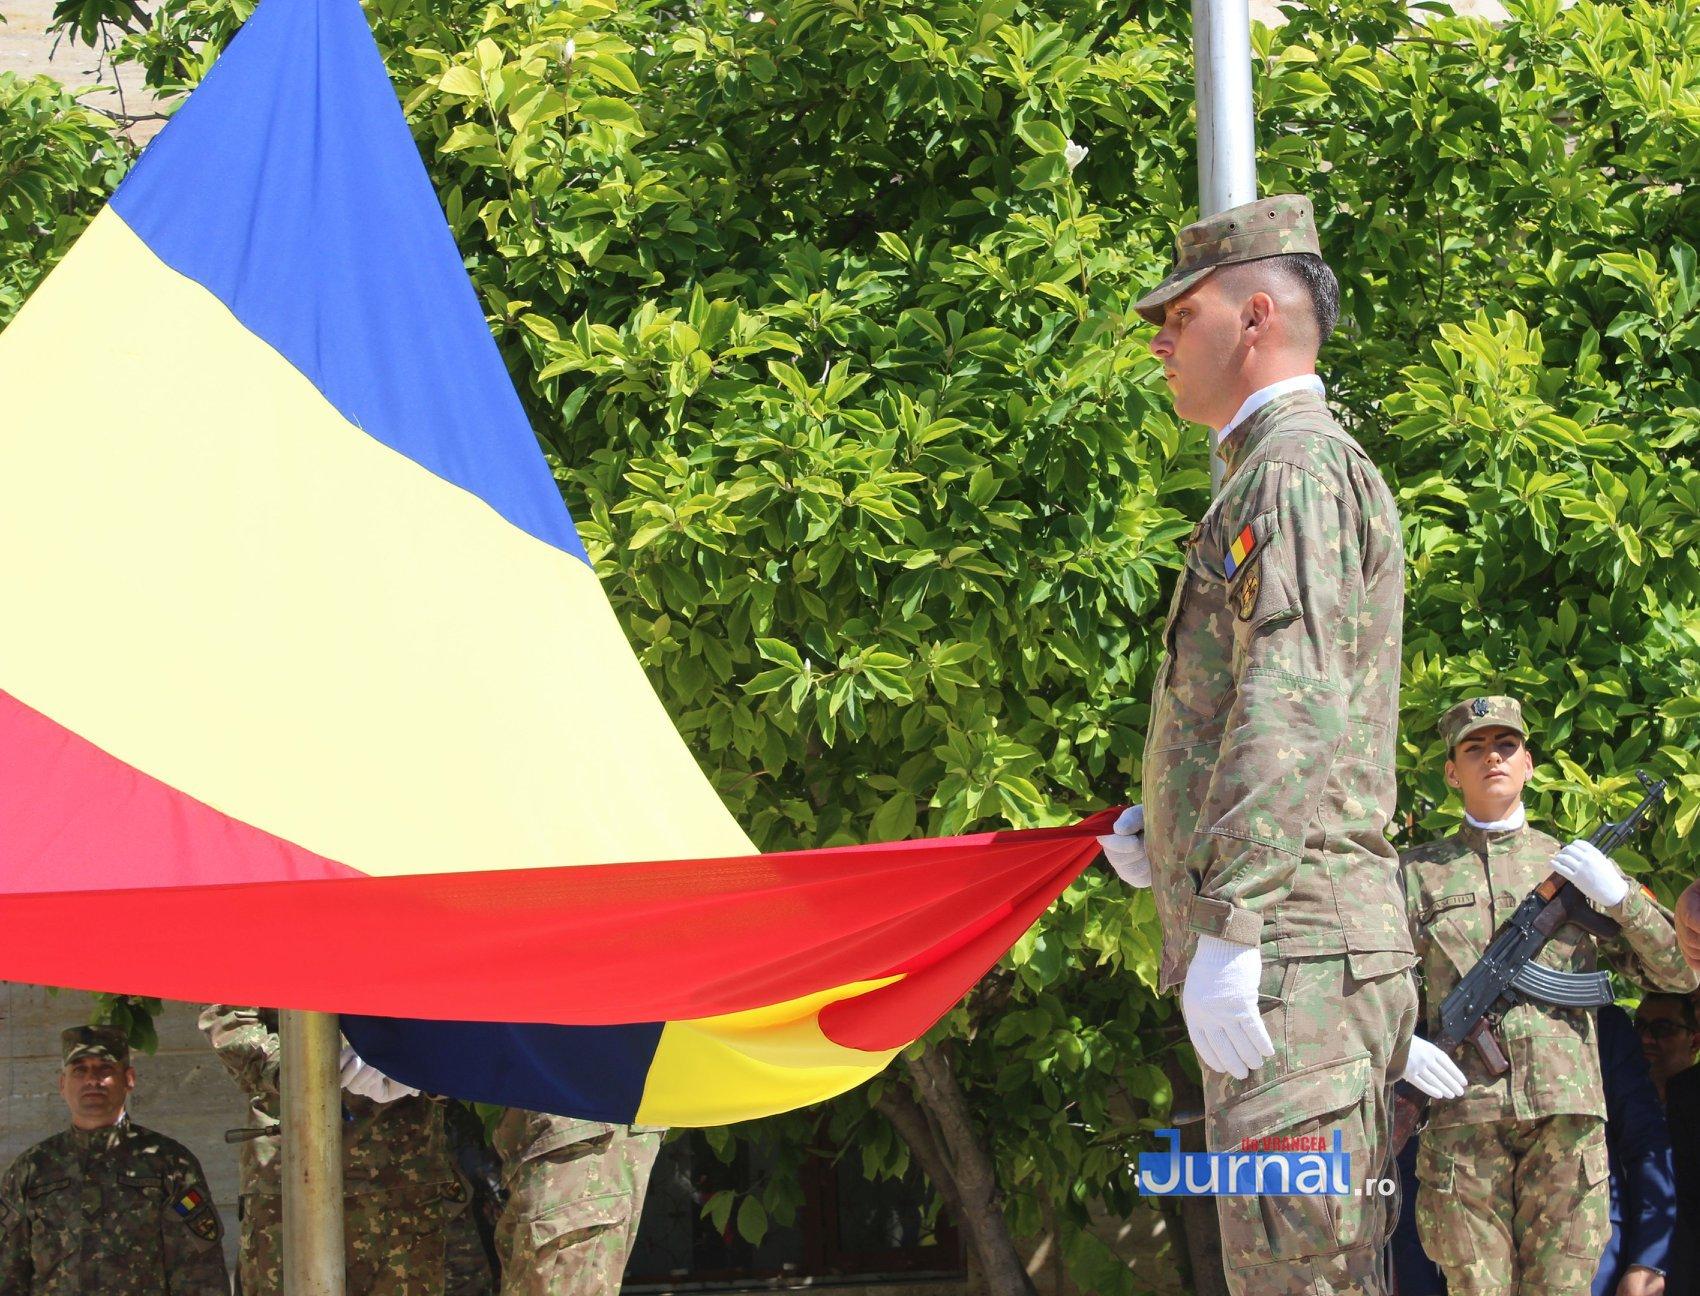 drapel 7 - GALERIE FOTO: Ceremonie la Focșani de Ziua Drapelului